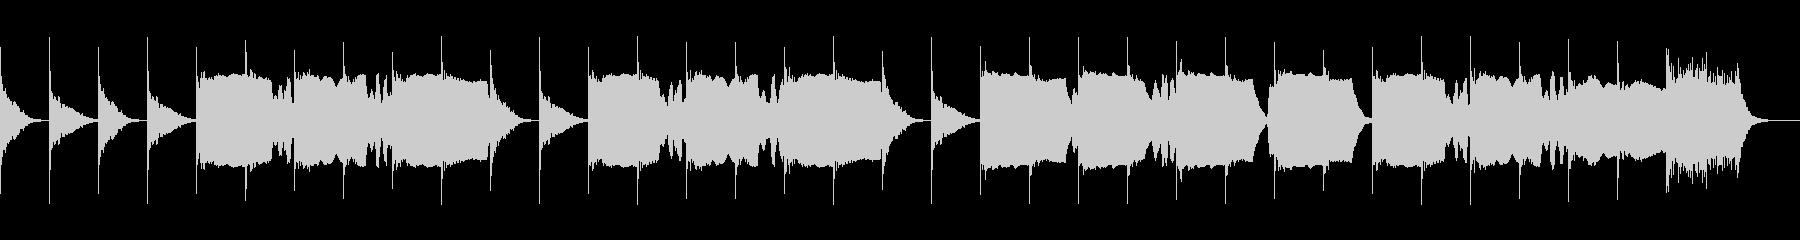 第一葬送曲の未再生の波形